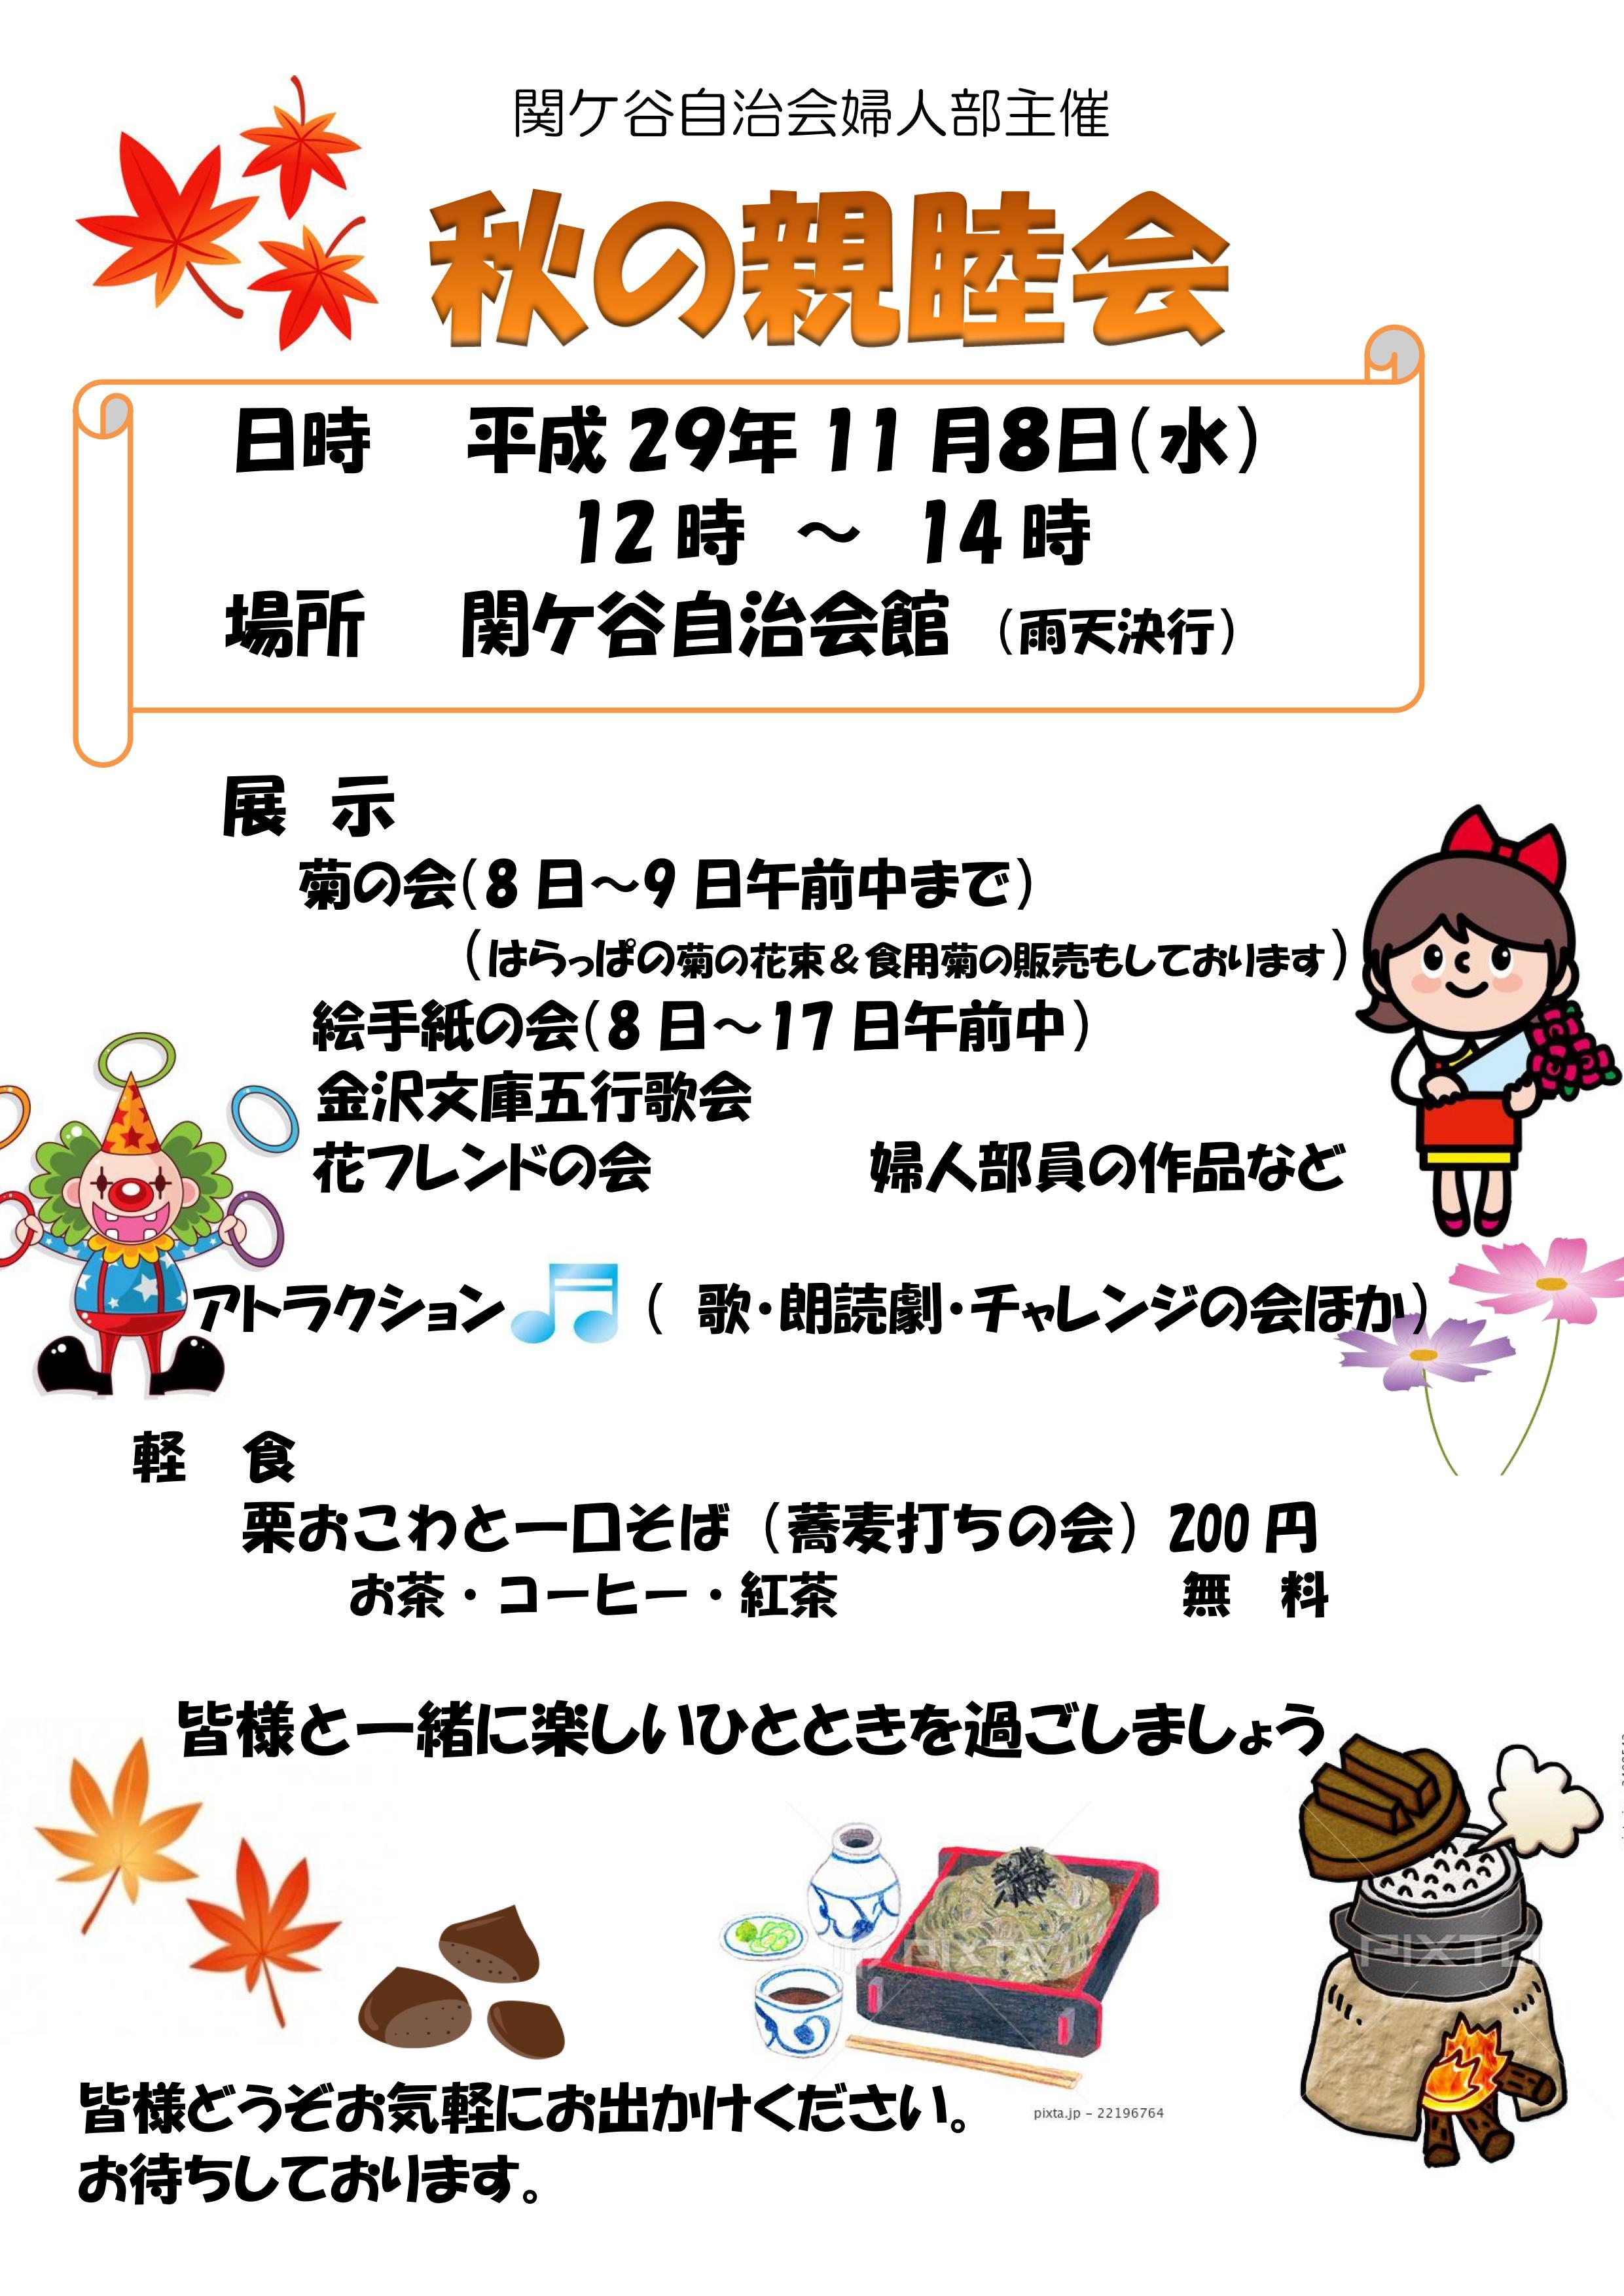 ホームページ22017「年度11月婦人部 ポスター秋の親睦会2_01